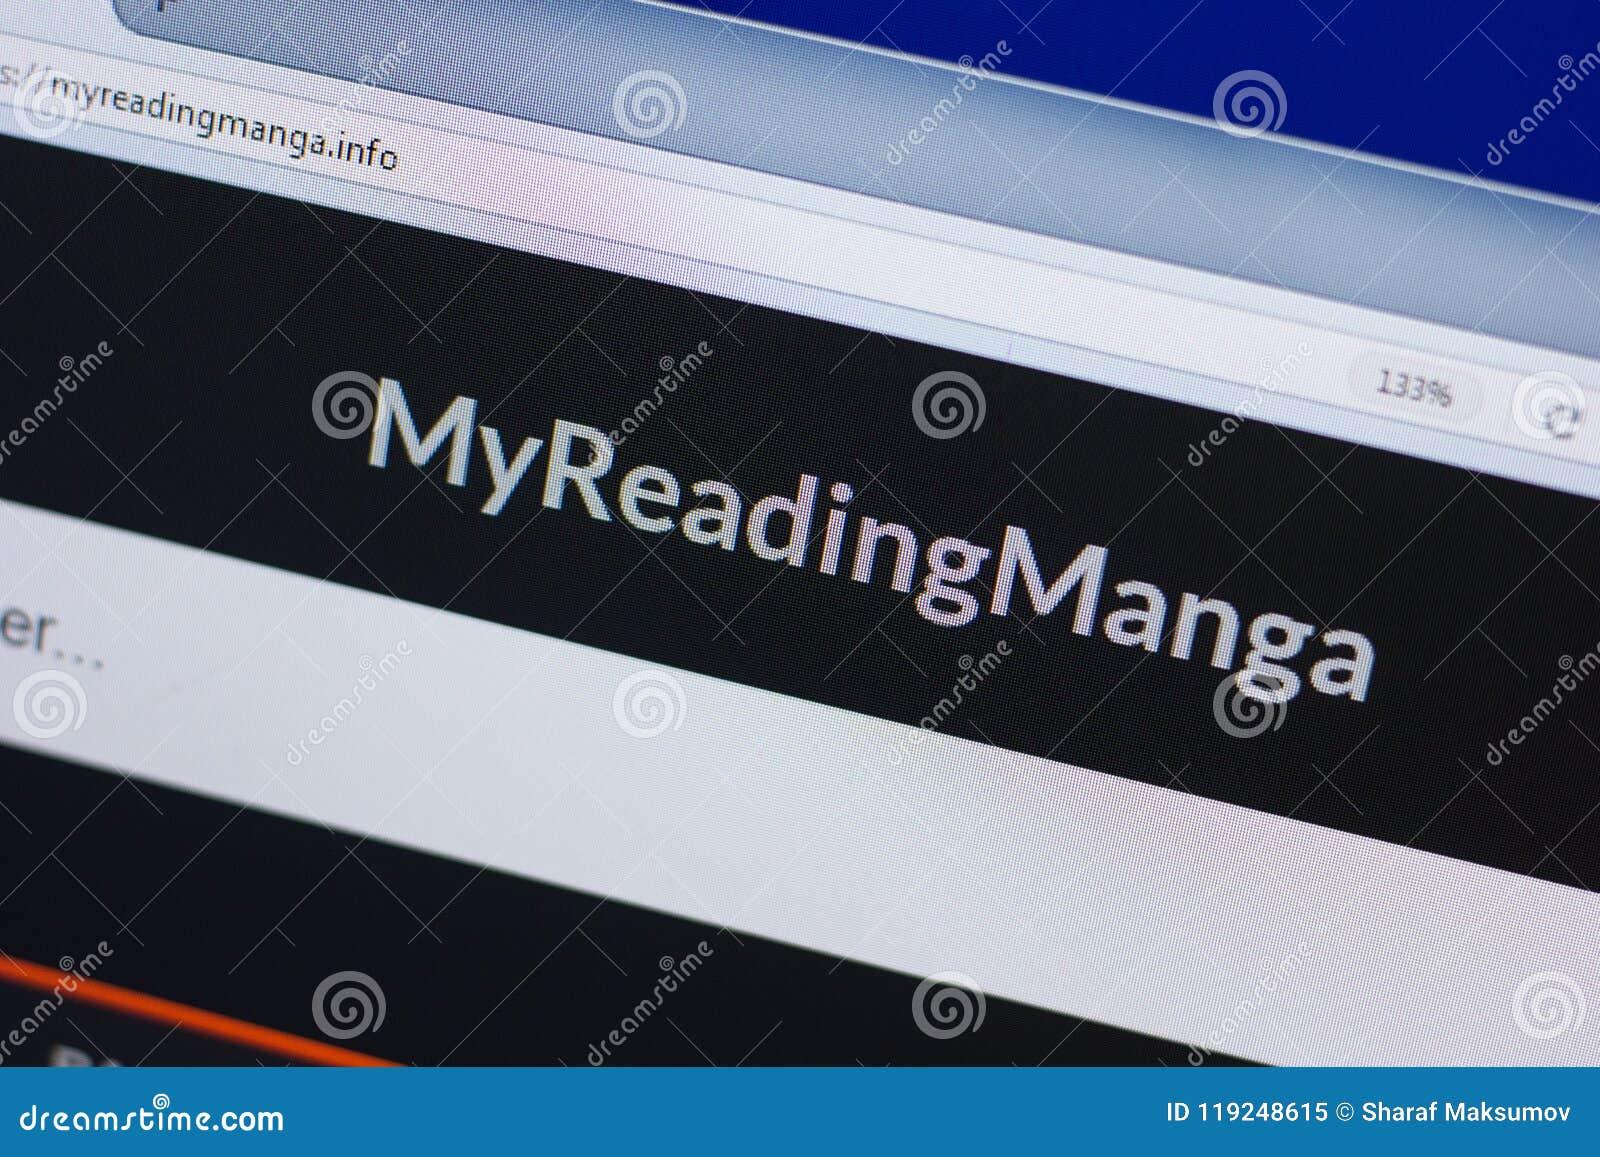 Ryazan, Rusland - Juni 16, 2018: Homepage van MyReadingManga-website op de vertoning van PC, url - MyReadingManga info